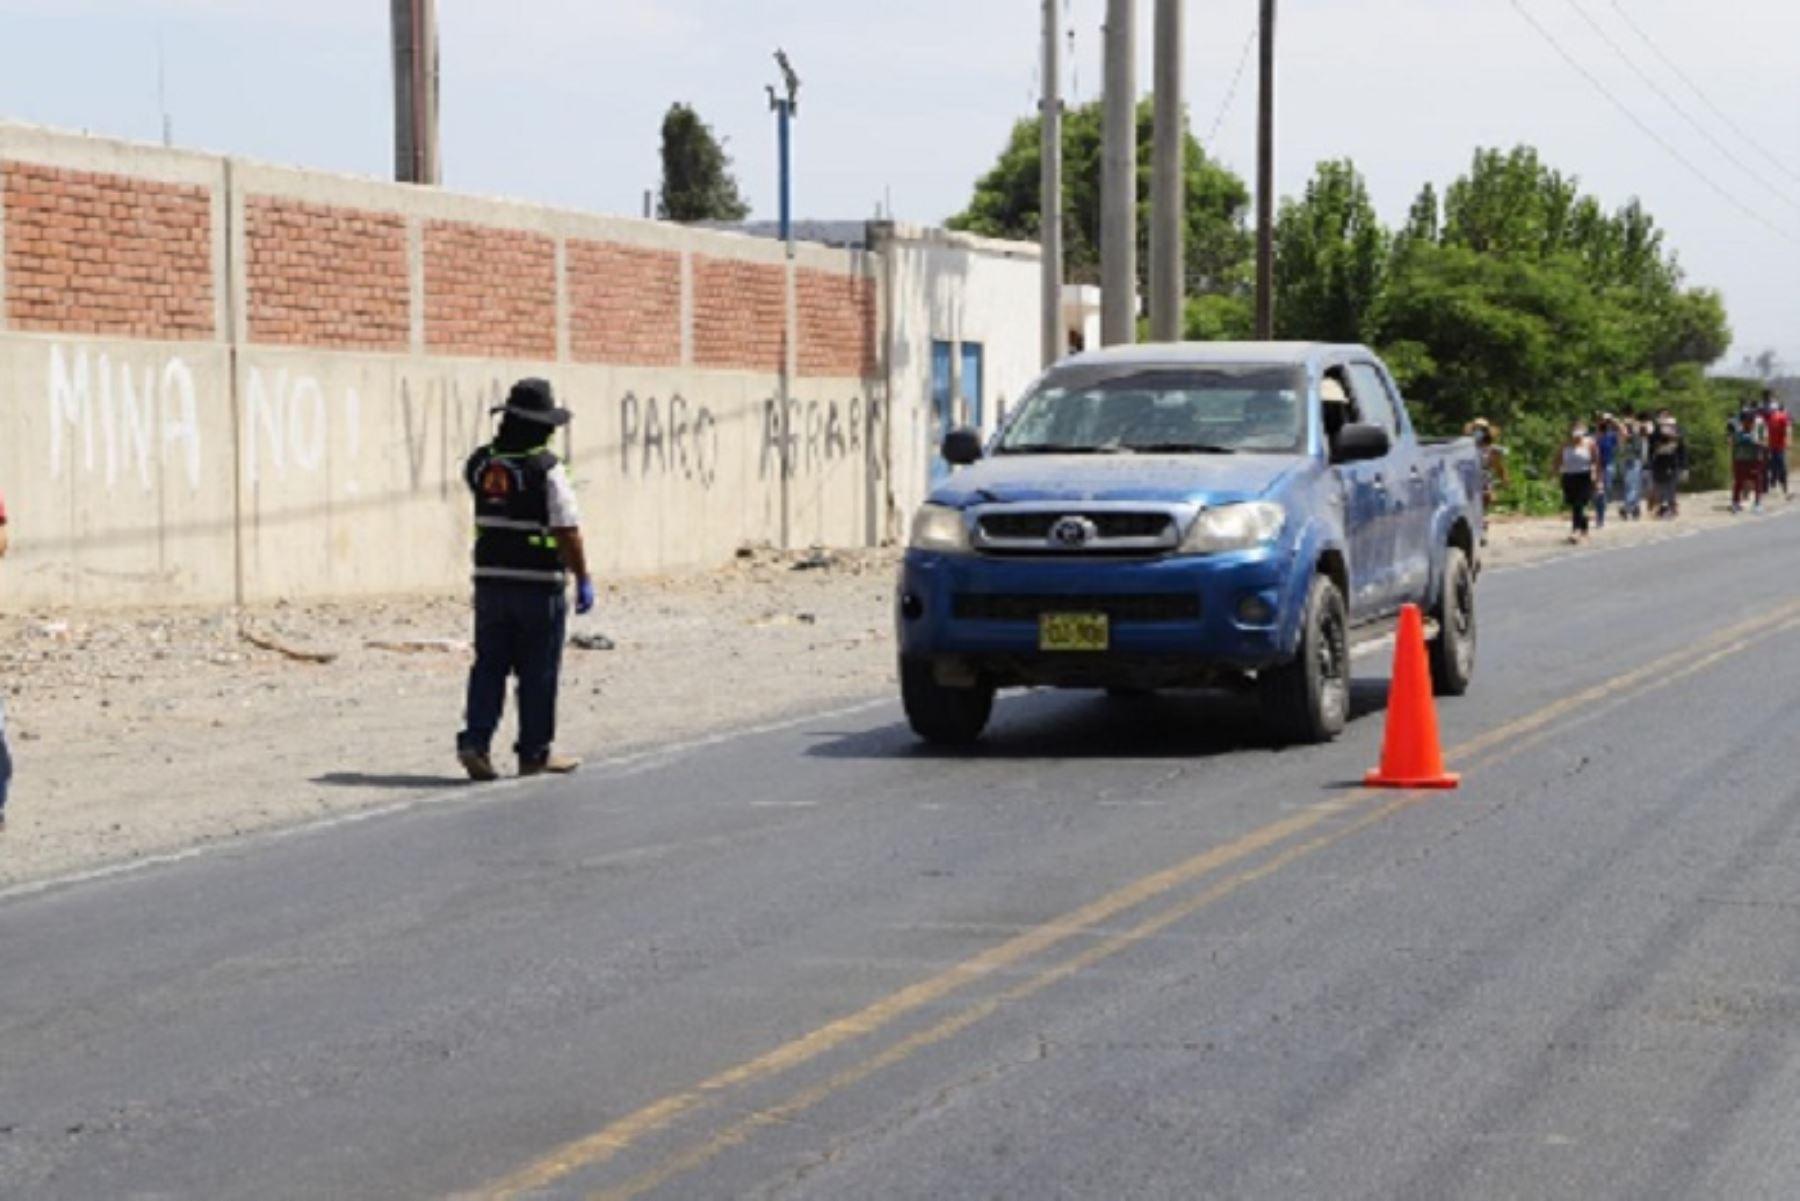 La Policía Nacional y el Ejército Peruano extremarán los controles de acceso y salida de transeúntes y vehículos.